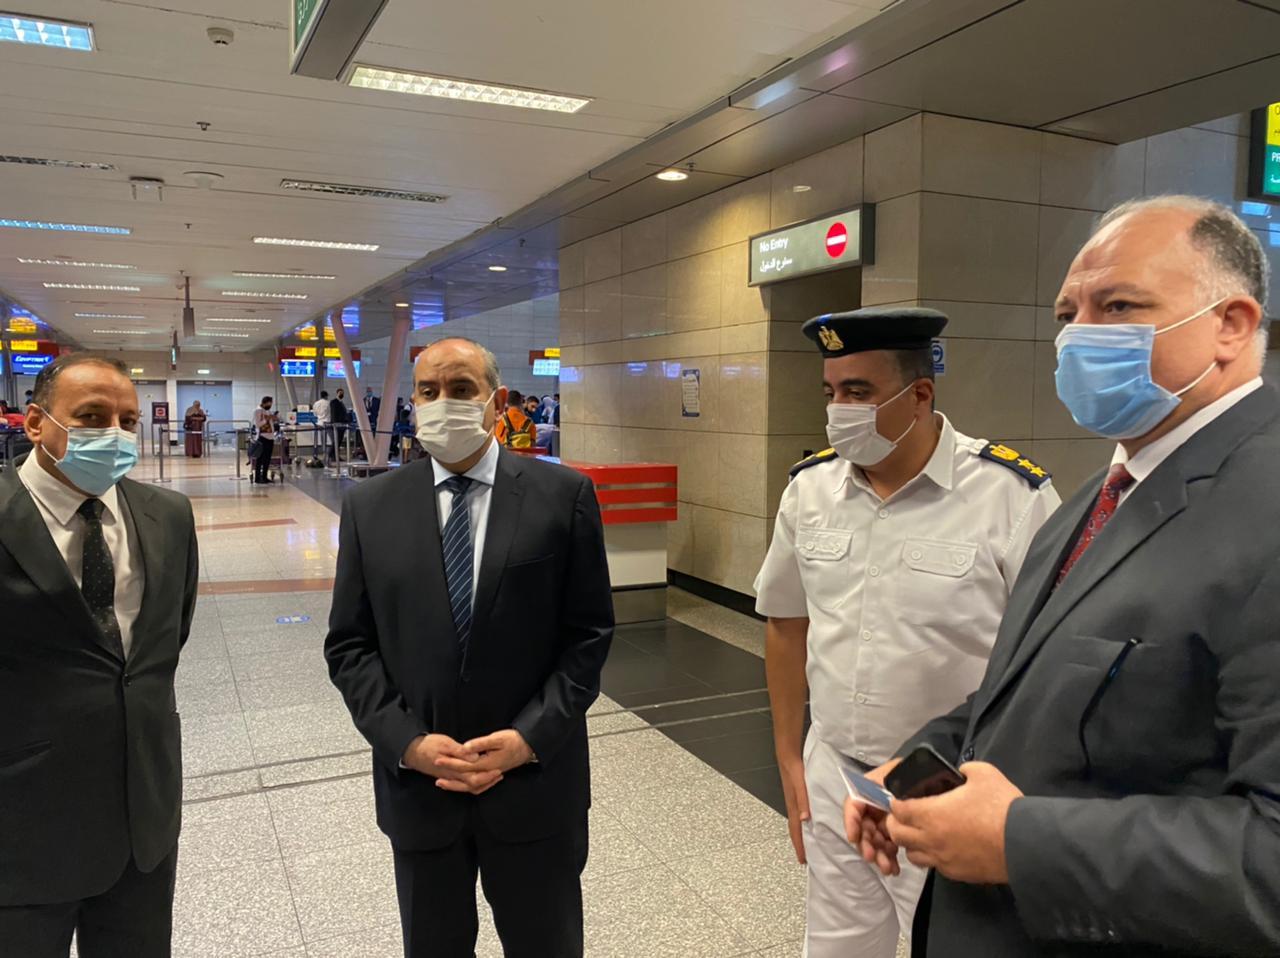 وزير الطيران يقوم بجولة مفاجئة بمبنى الركاب ٢و٣ بمطار القاهرة